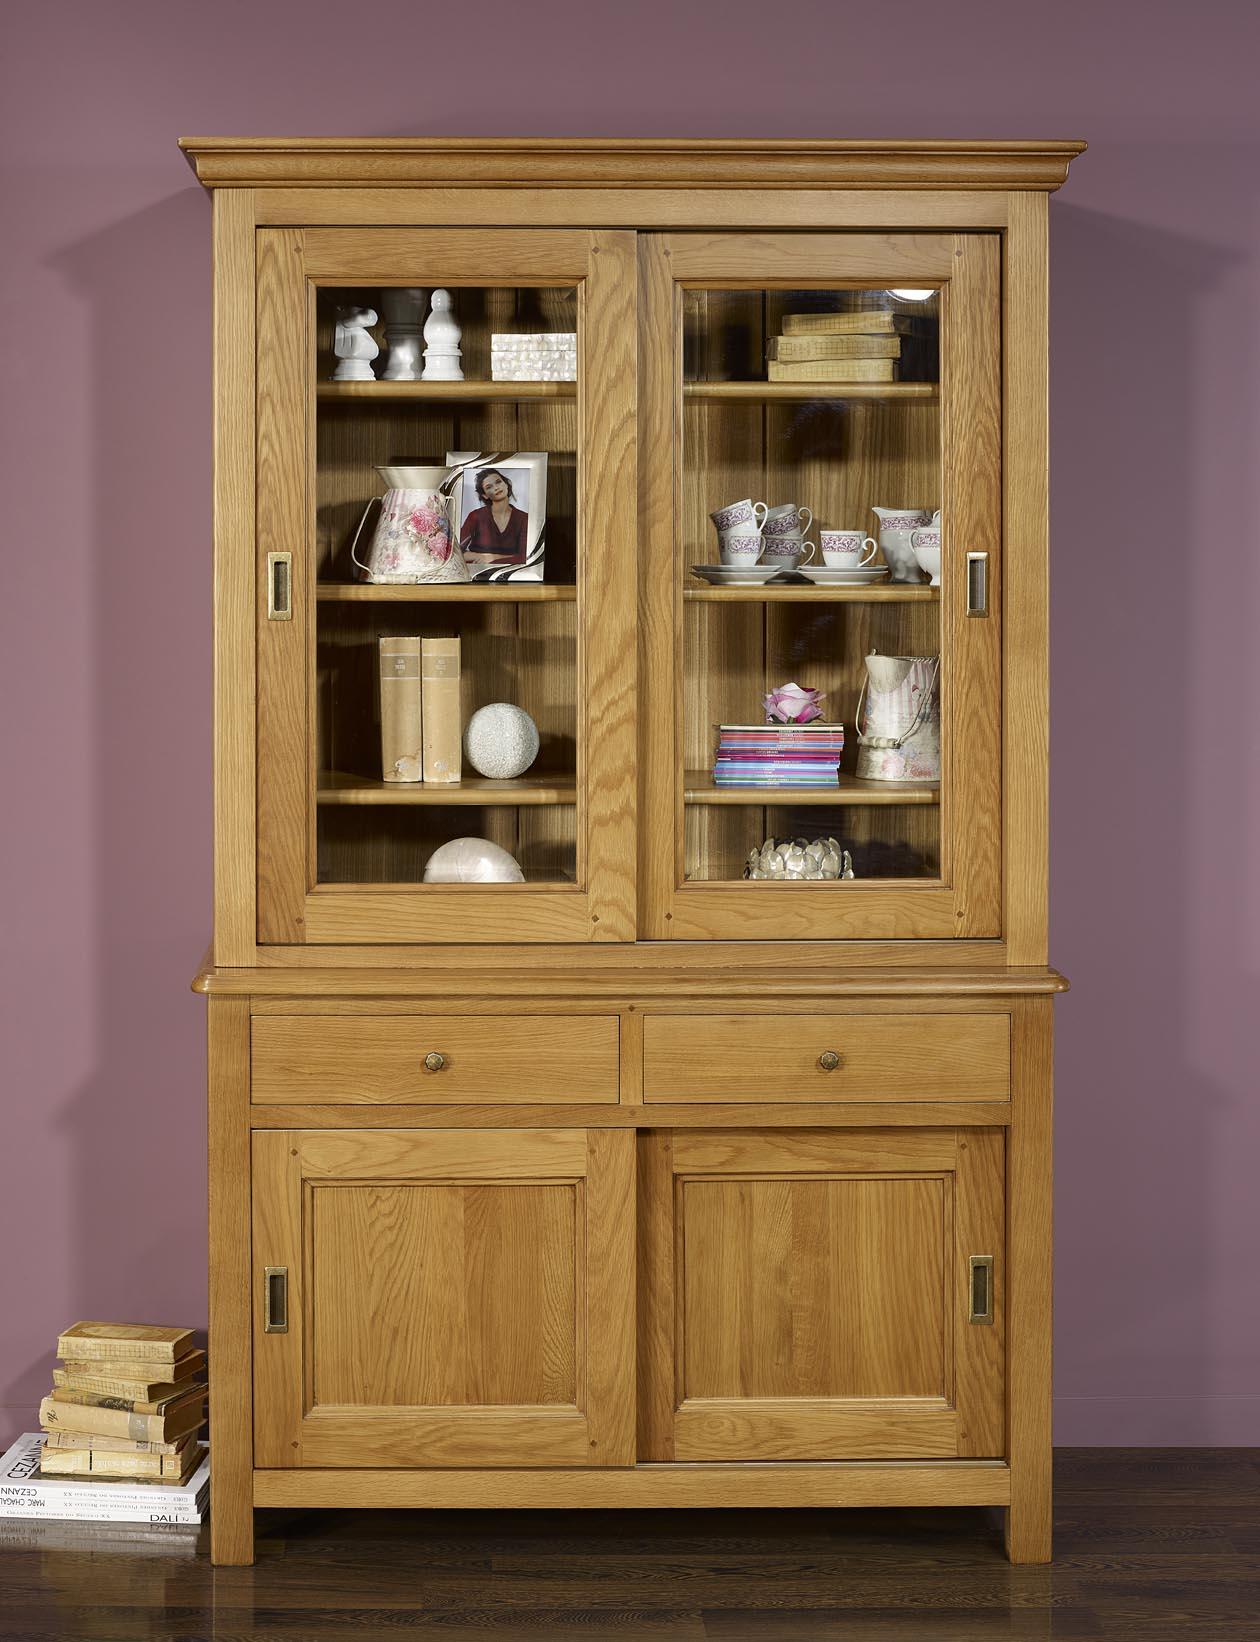 petit biblioth que henry 2 corps 2 portes en ch ne massif portes coulissantes meuble en ch ne. Black Bedroom Furniture Sets. Home Design Ideas